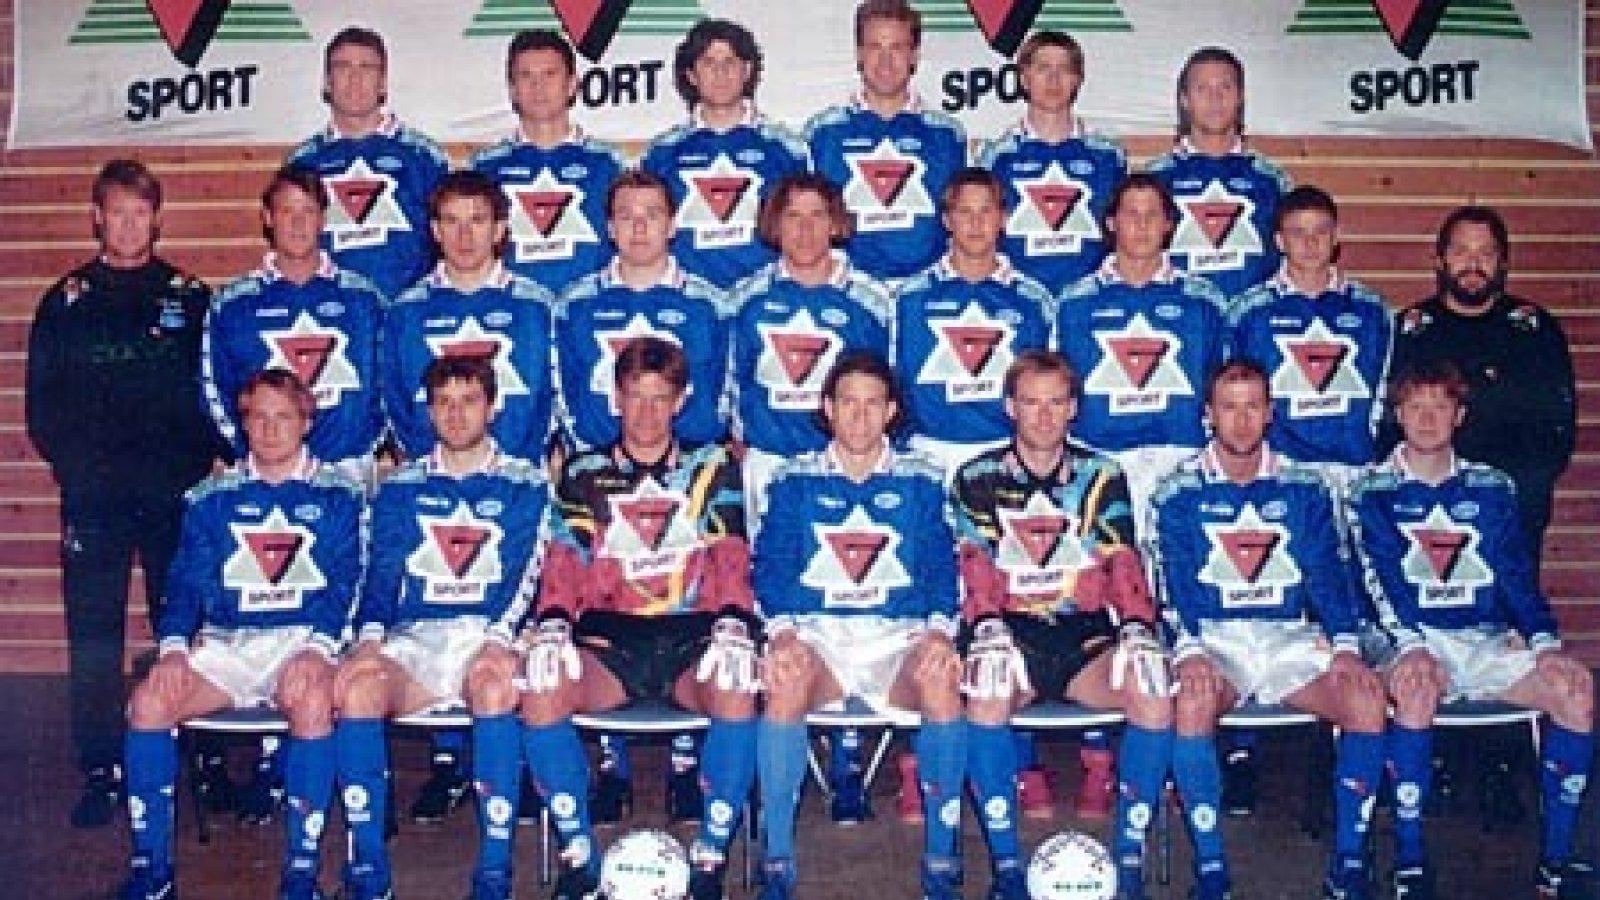 1996 Lagbilde